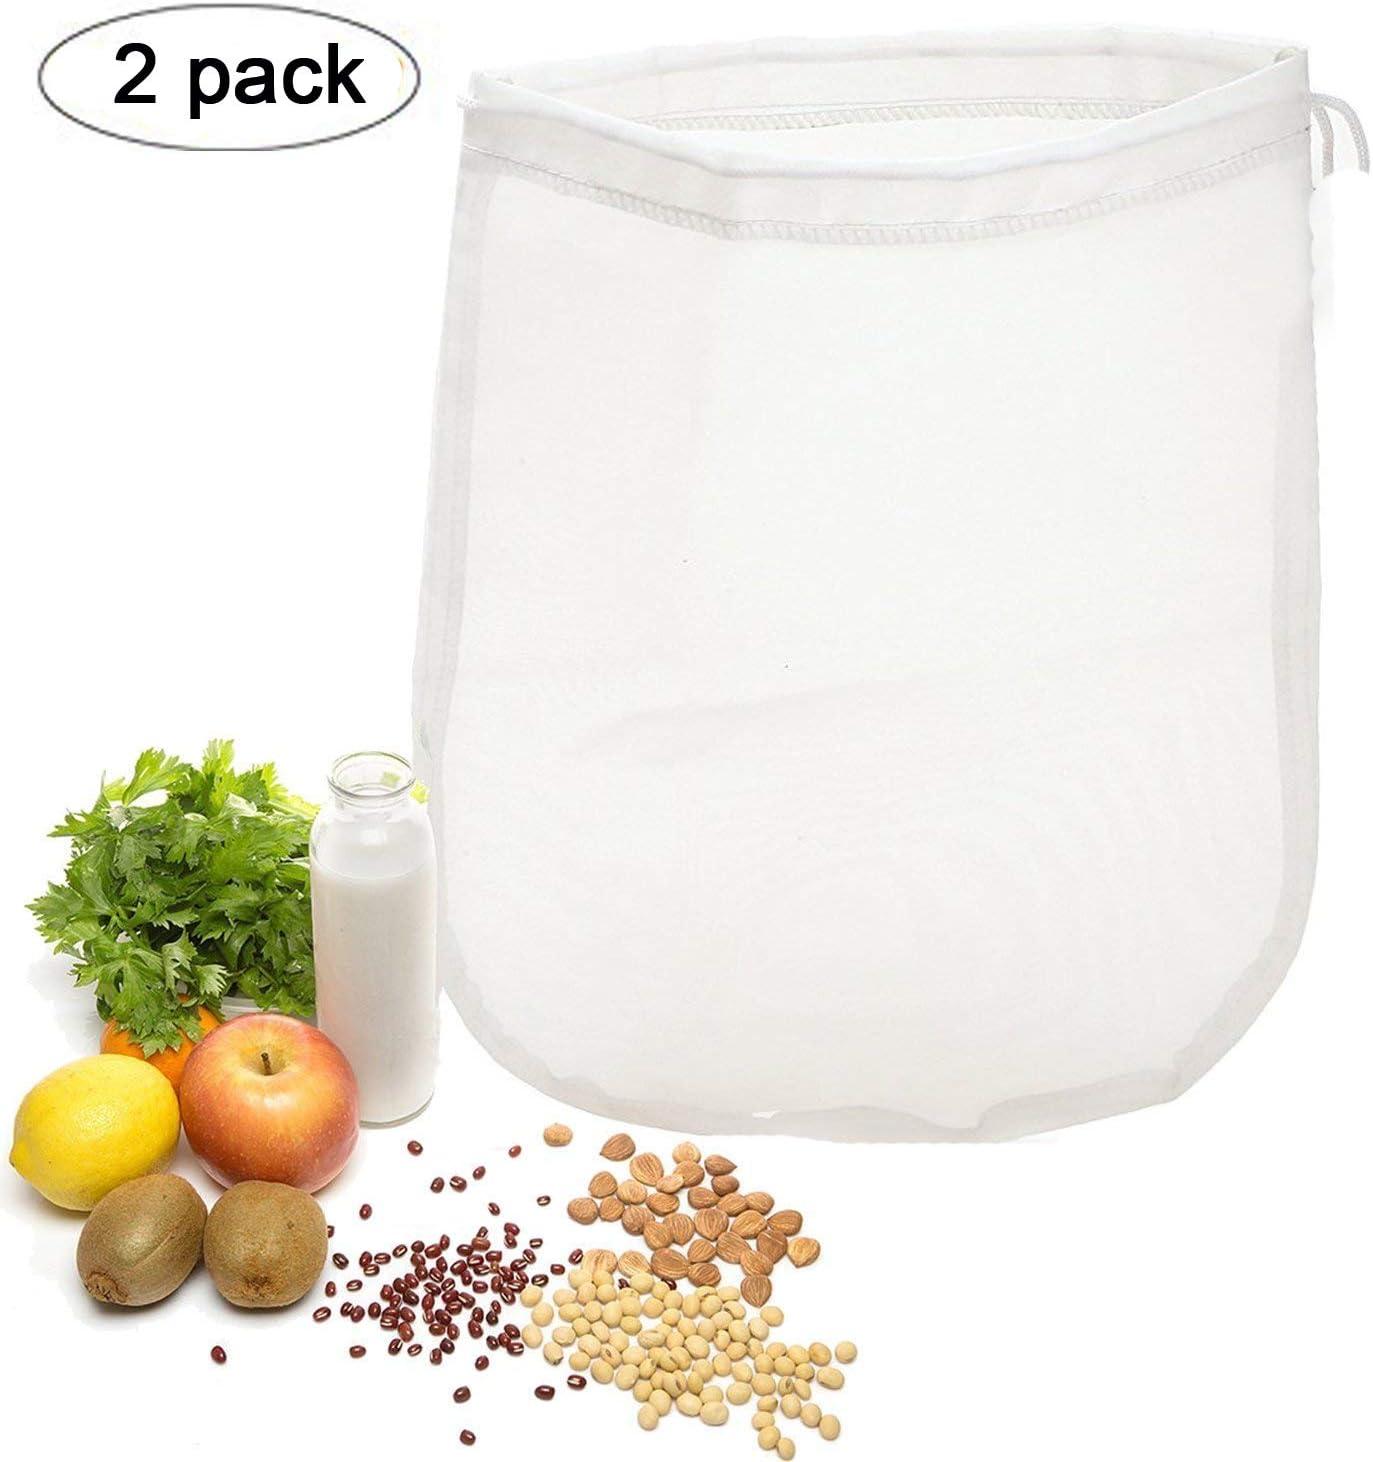 OldPAPA 75μm Nut milk bag, bolsa para hacer leches vegetales,bolsa para hacer queso, zumos (Paquete de 2) vegetales100% Nylon Perfecto como colador: Amazon.es: Hogar